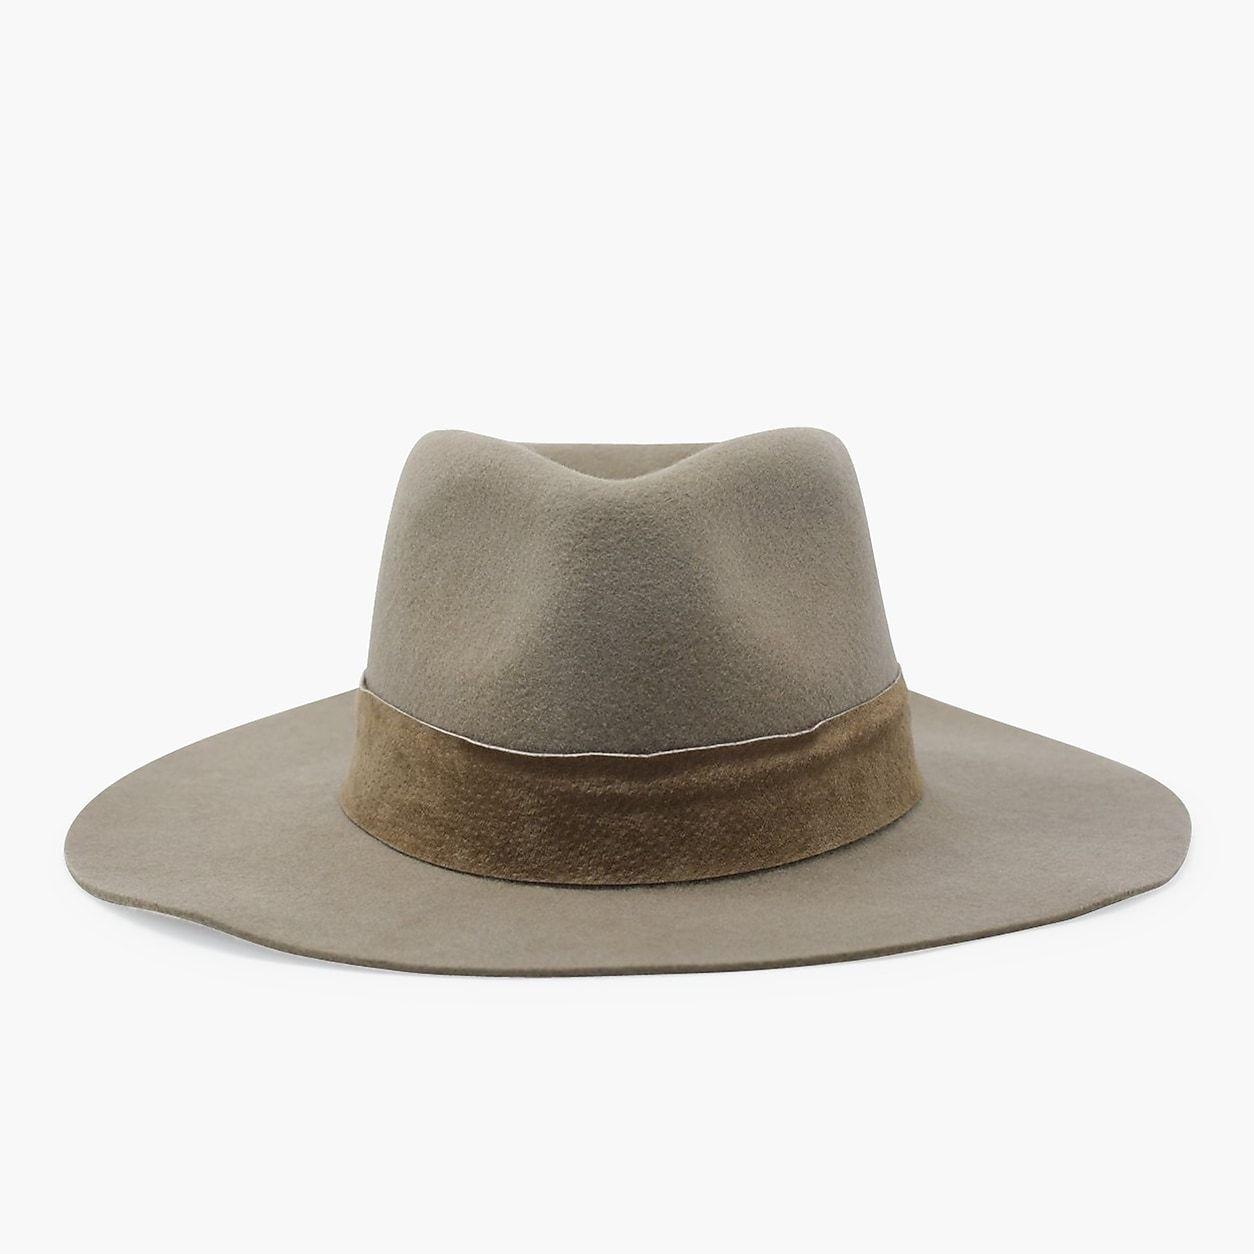 65c9026f5 Wyeth Dylan Rancher Hat   Mens fashion in 2019   Hats, Fashion ...